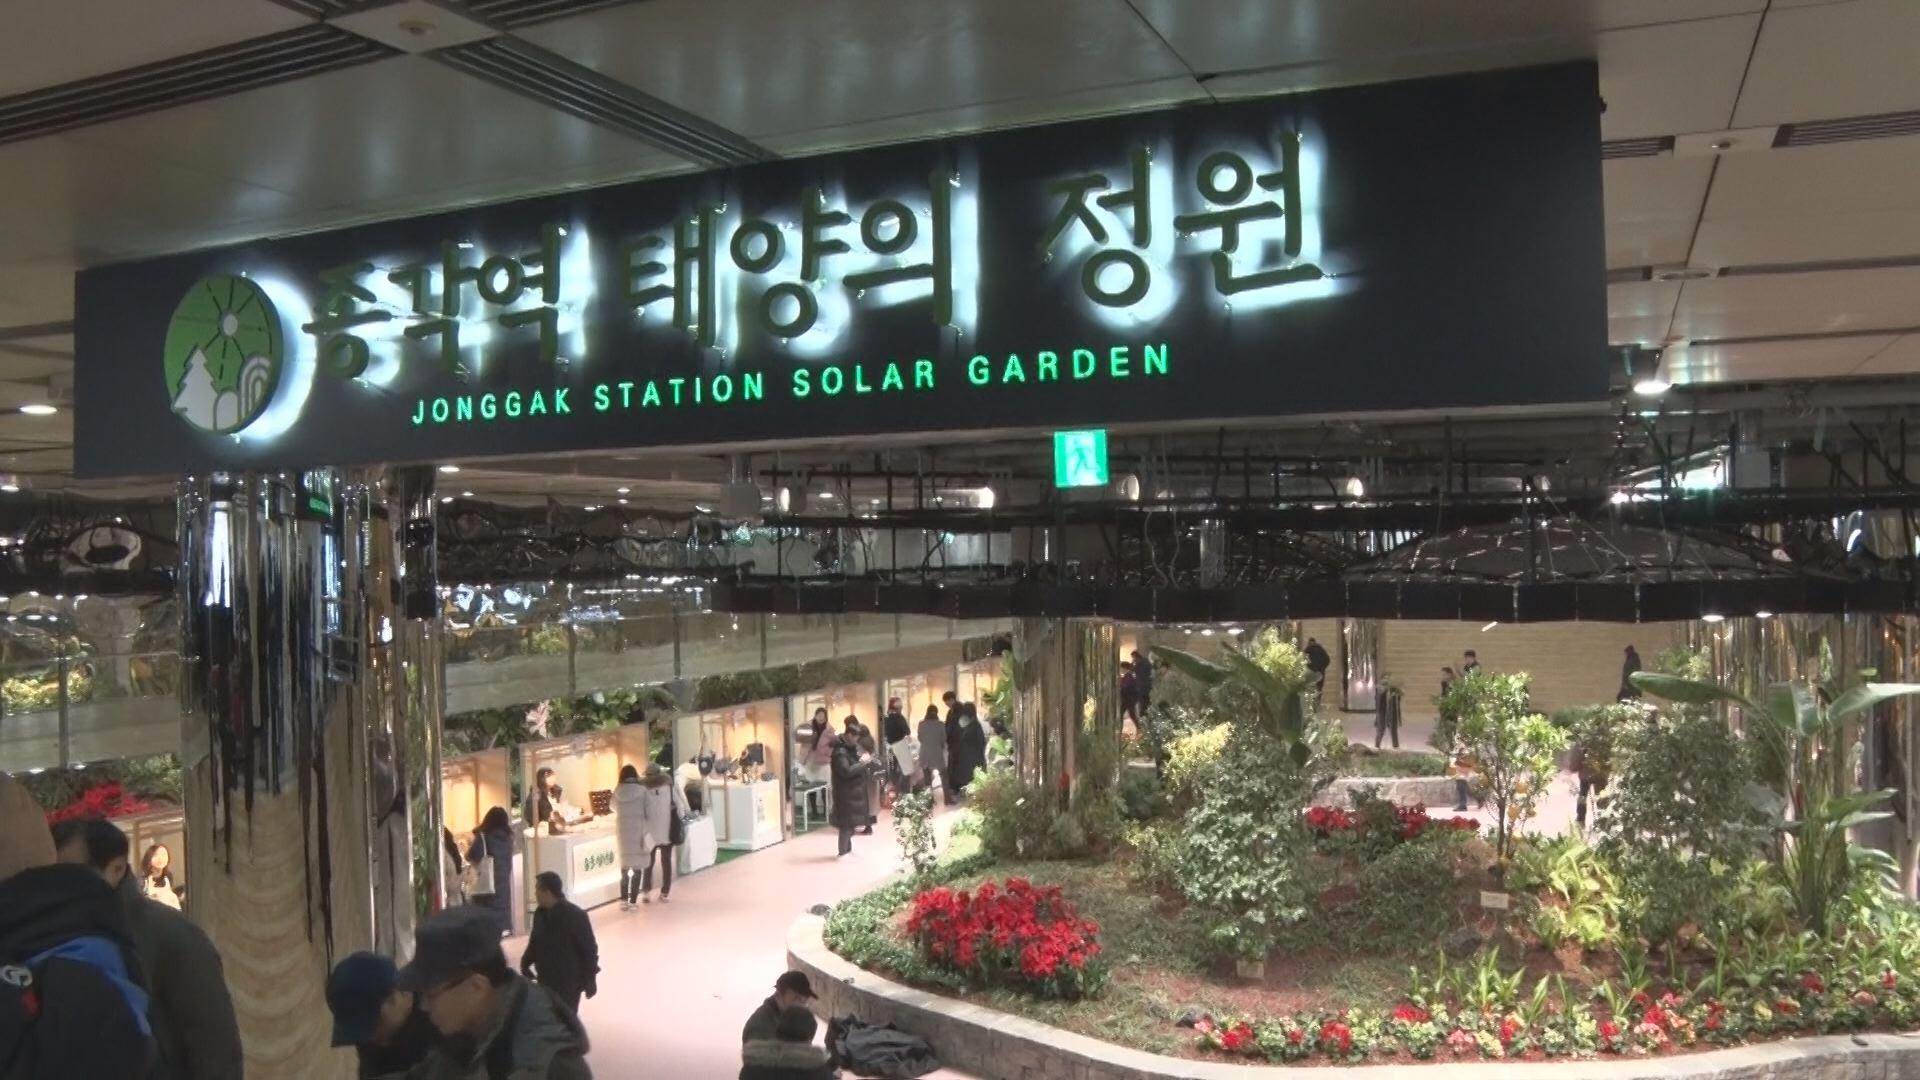 지하보도가 정원으로 변신…'종각역 태양의 정원' 개장